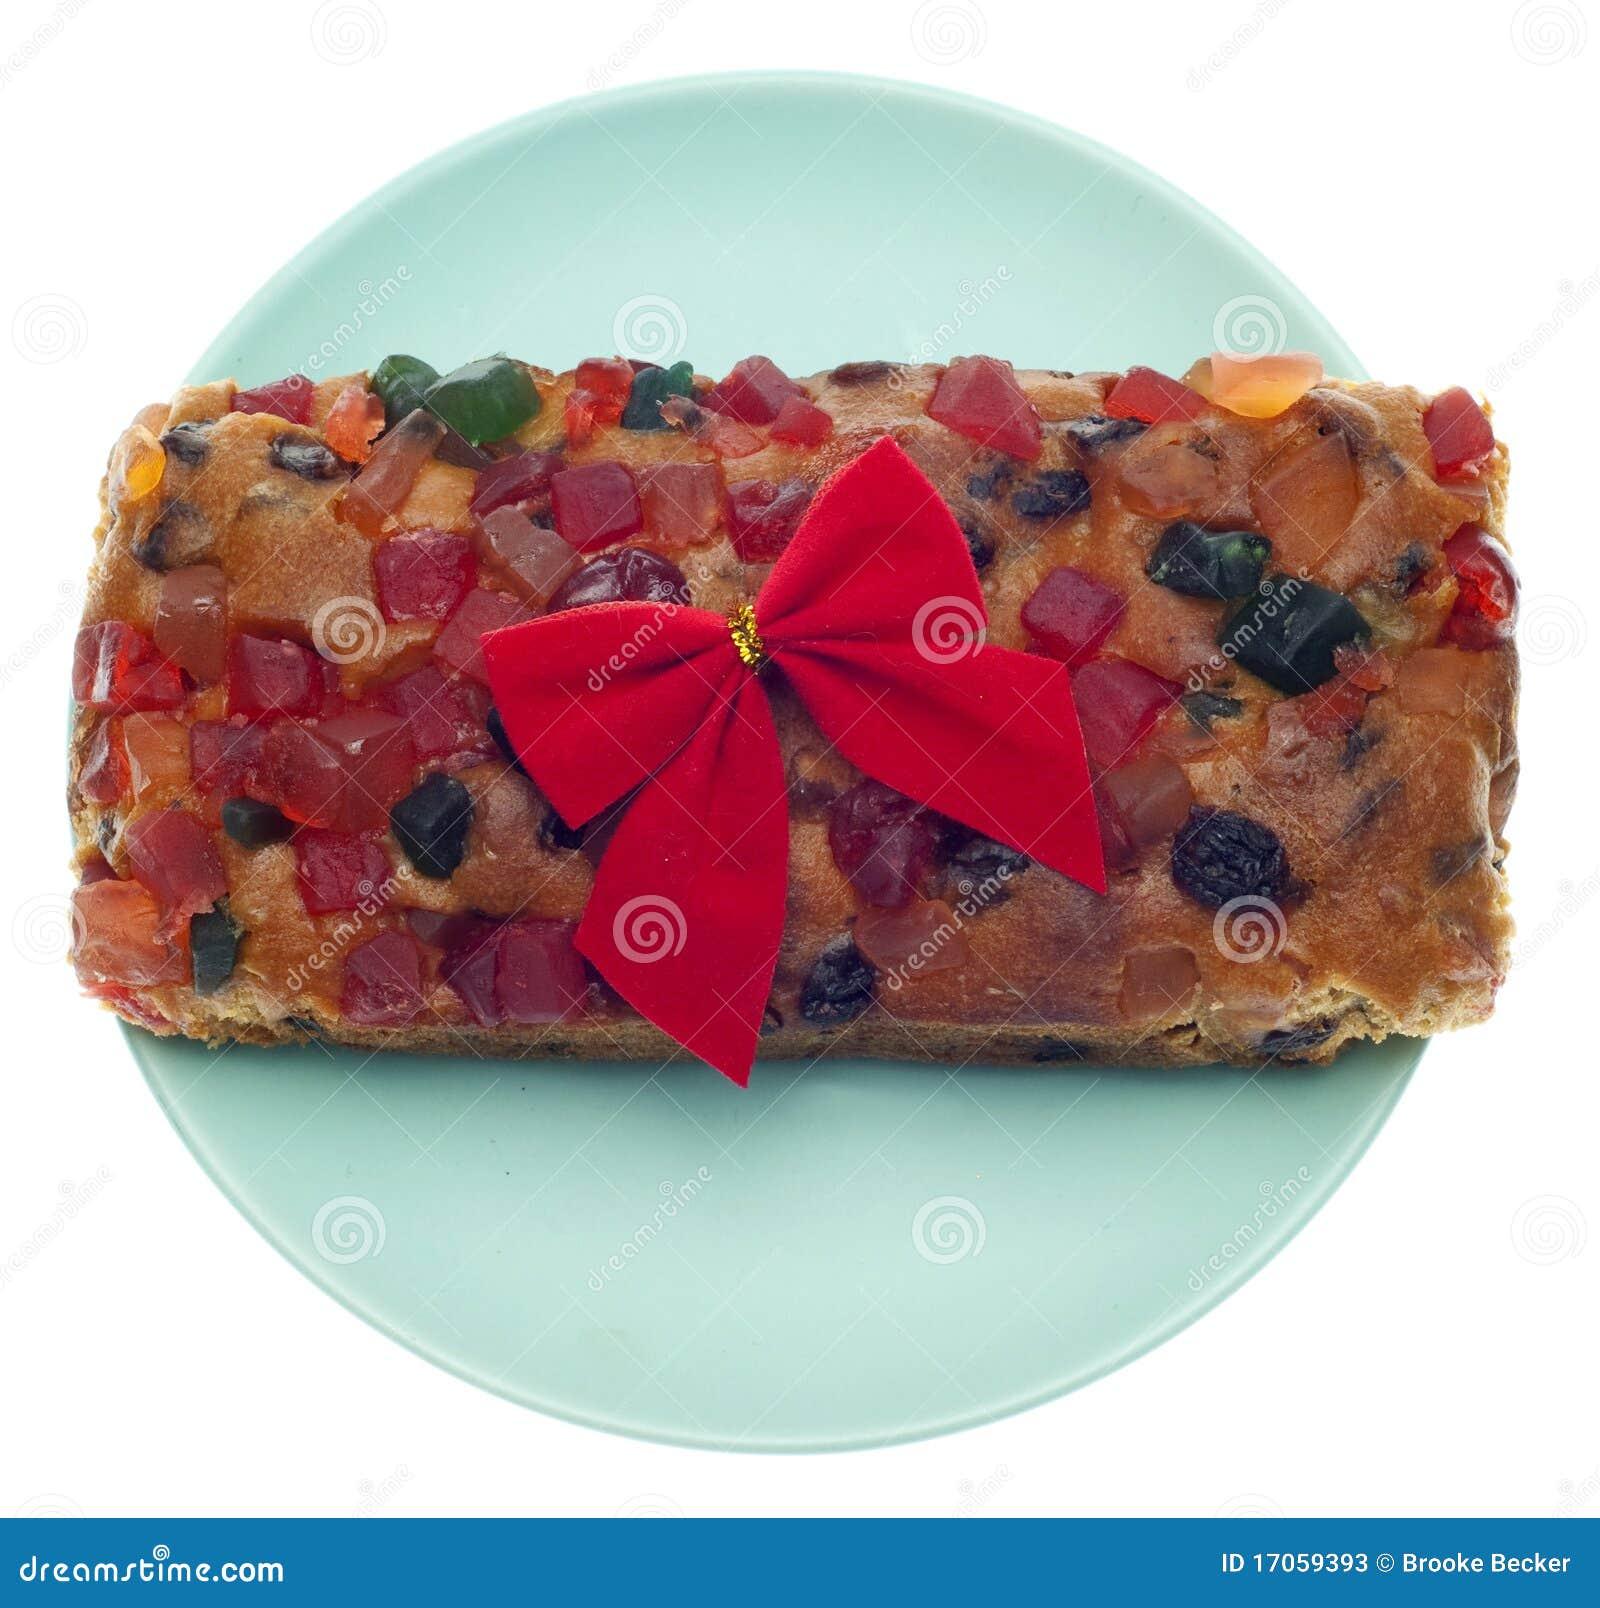 διακοπές δώρων καρπού κέικ